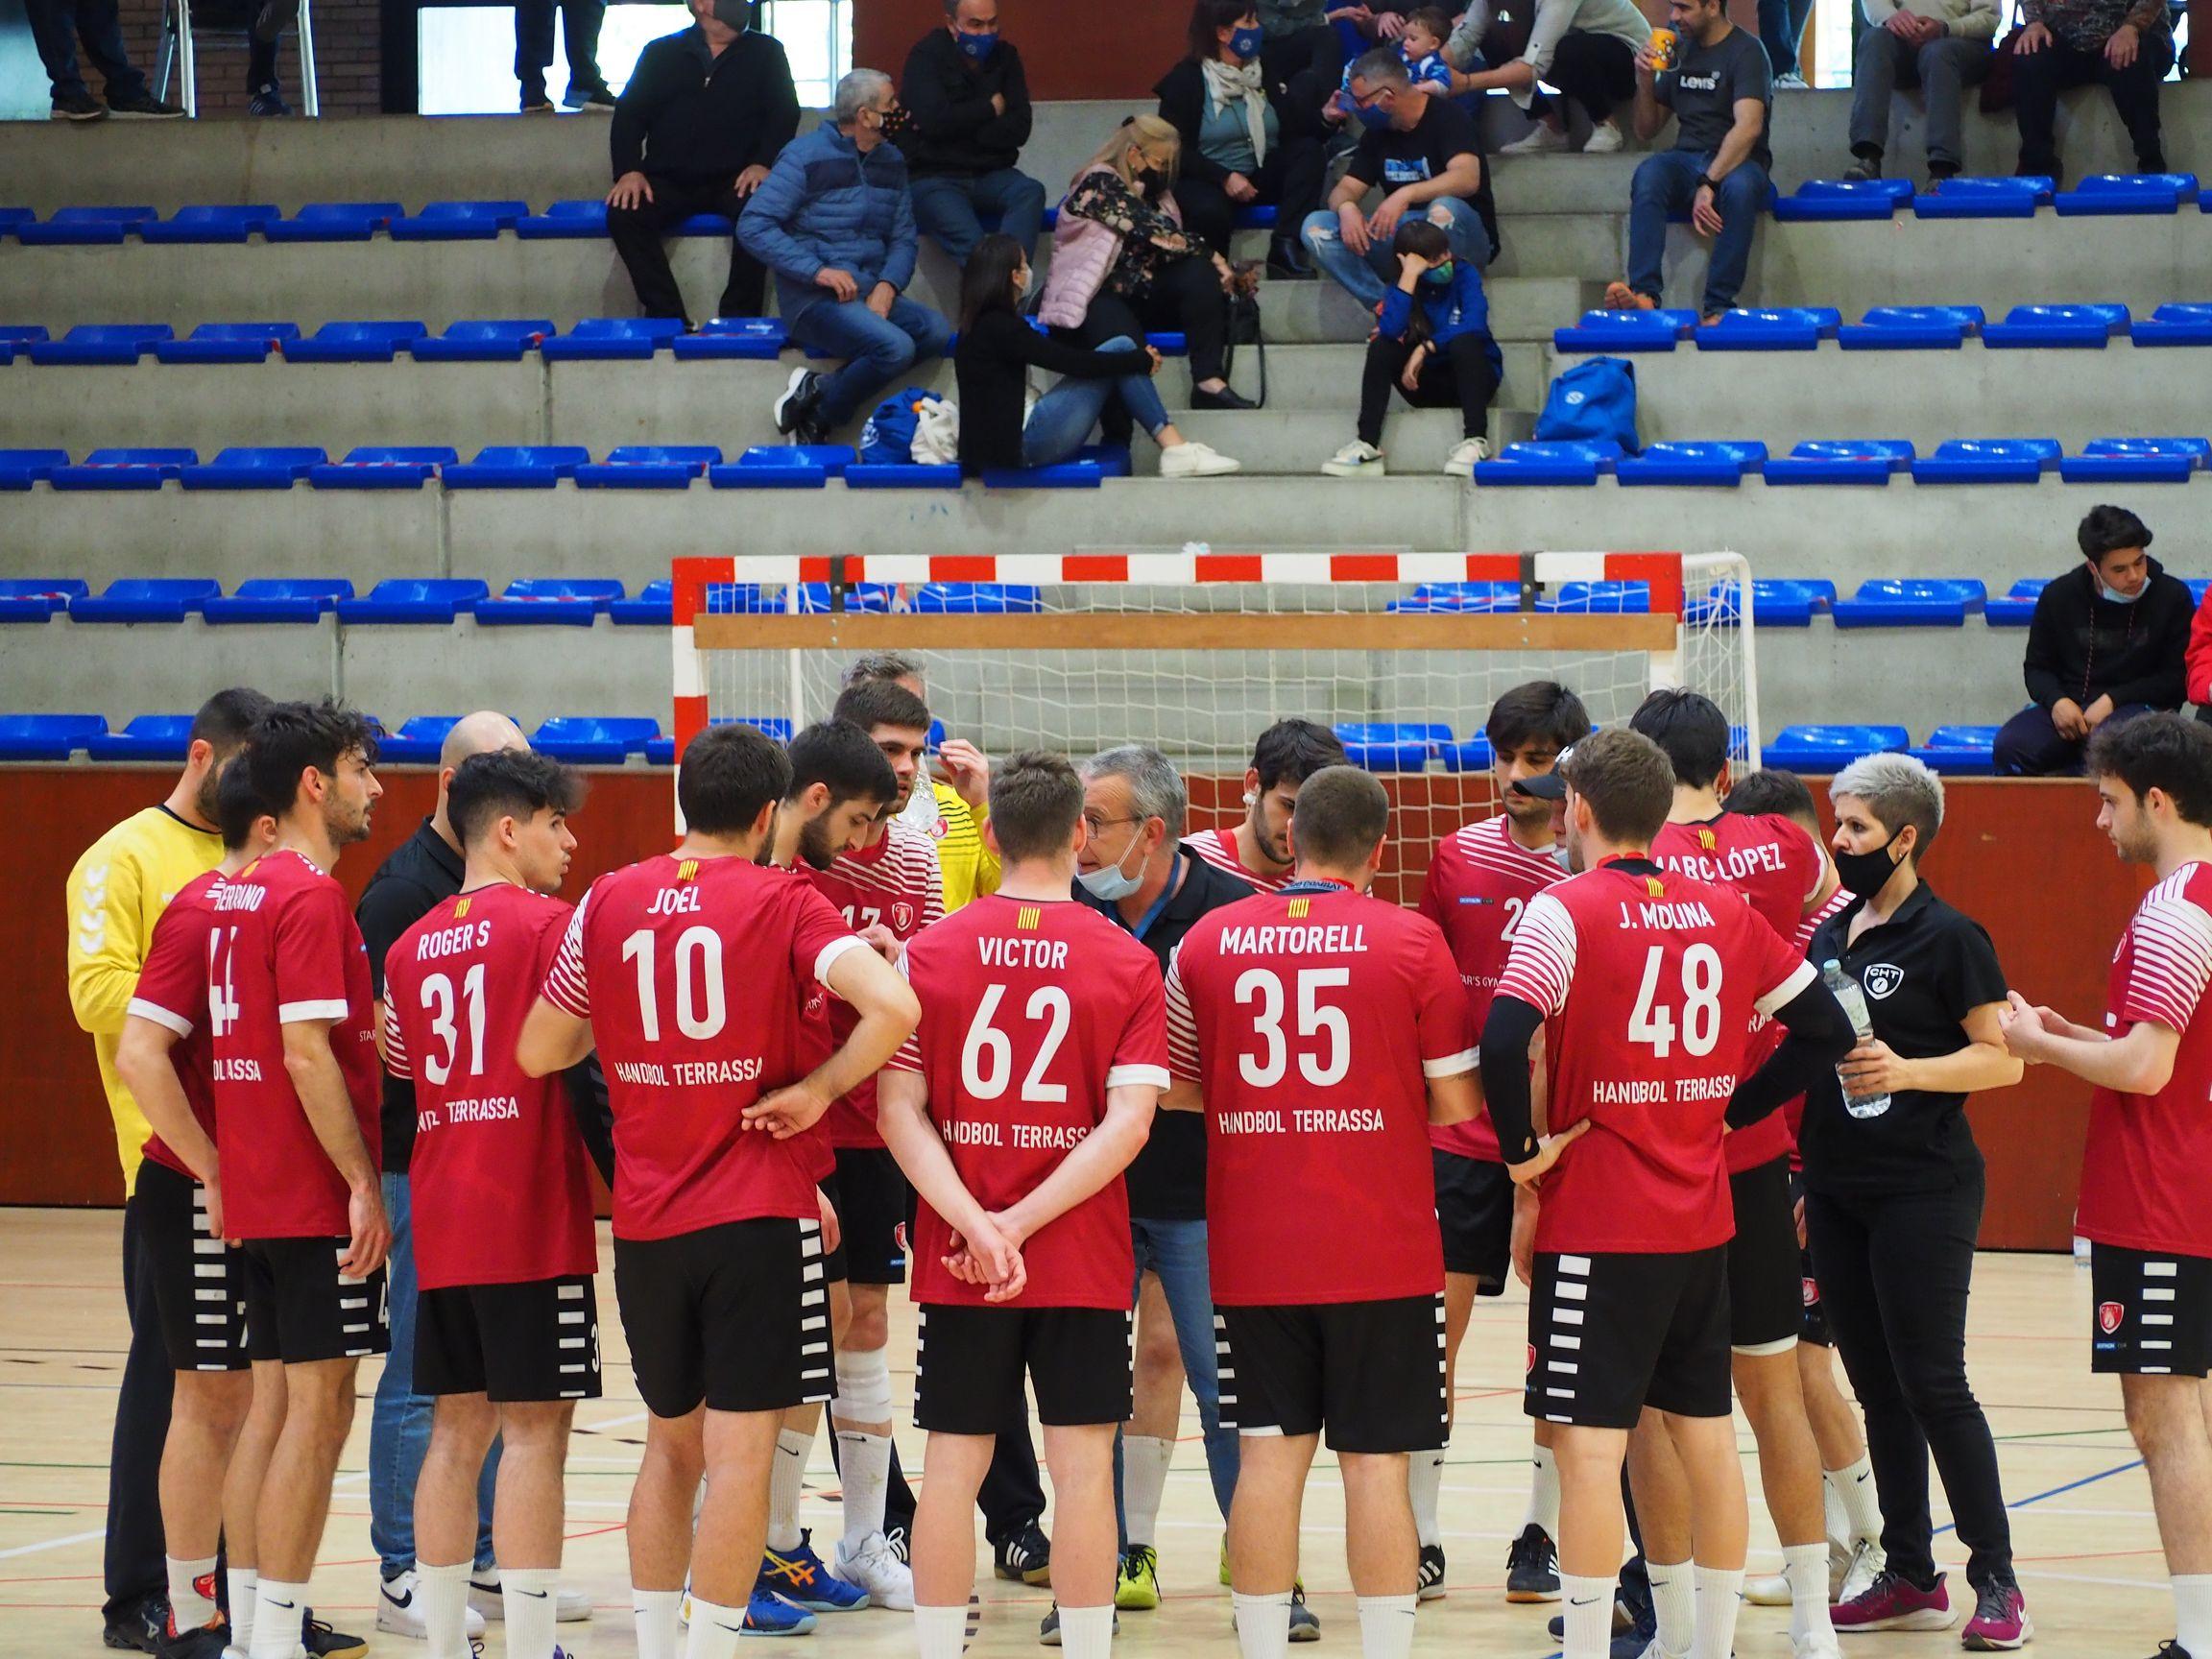 1ª Nacional Handbol banyoles VS handbol Terrassa